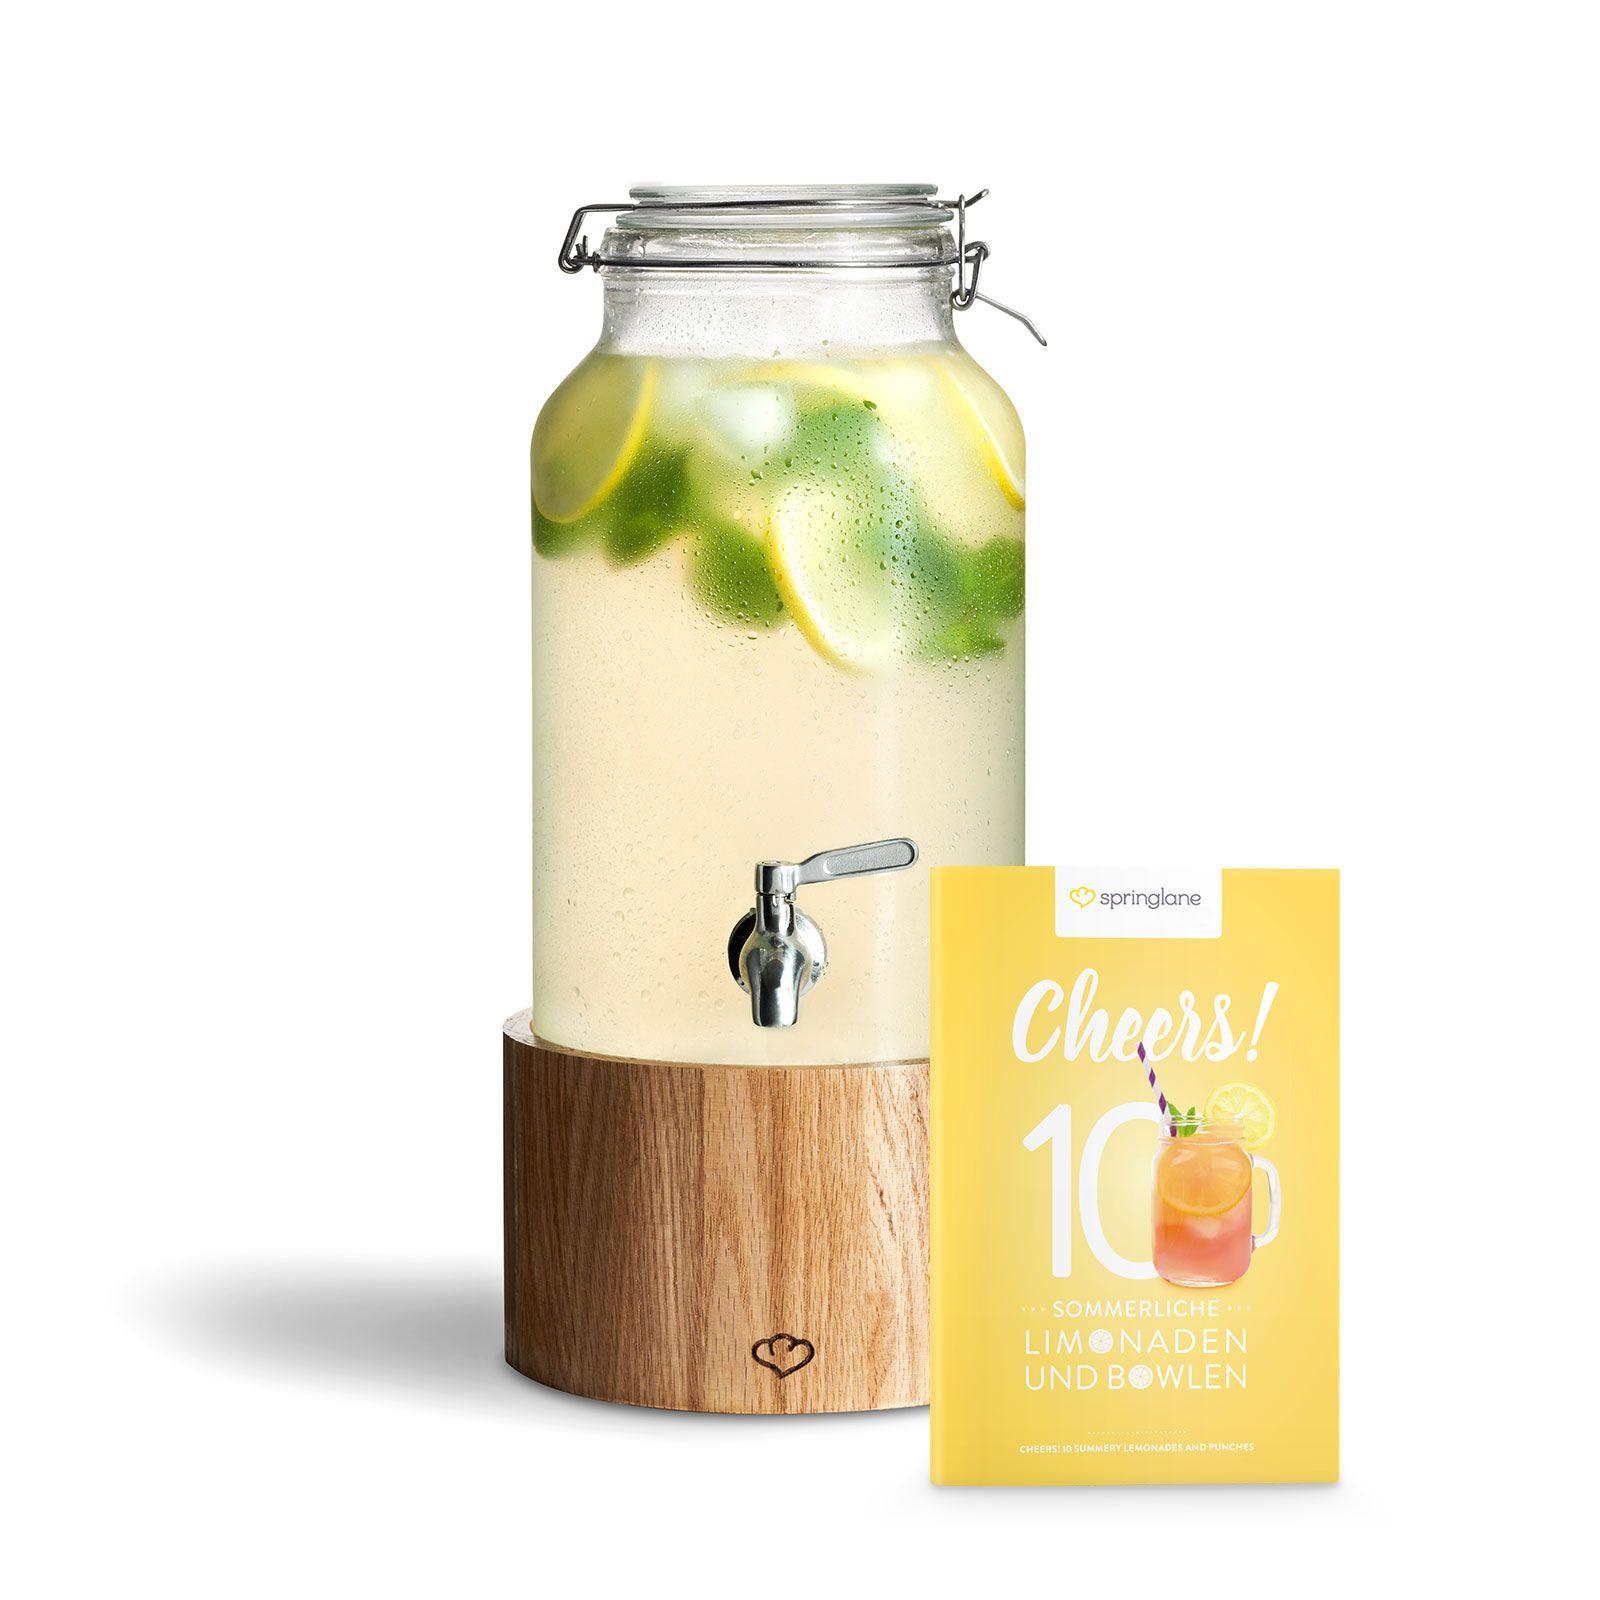 Krauterlimonade Mit Fruchtigem Apfel Und Wacholderbeeren Rezept Getranke Spender Getrankespender Limonade